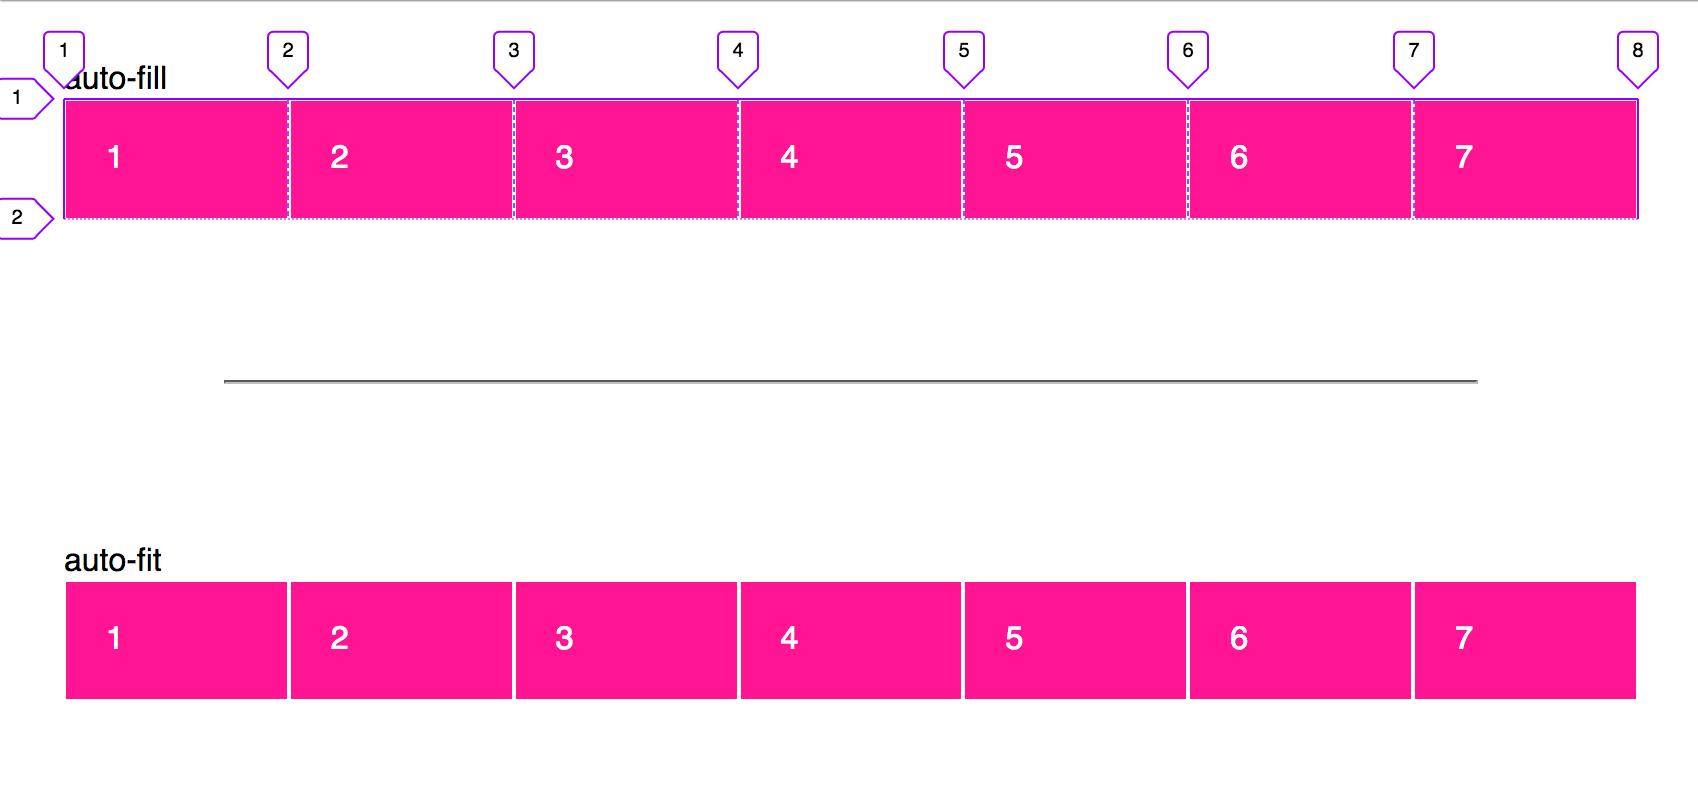 Auto-Sizing Columns in CSS Grid: `auto-fill` vs `auto-fit